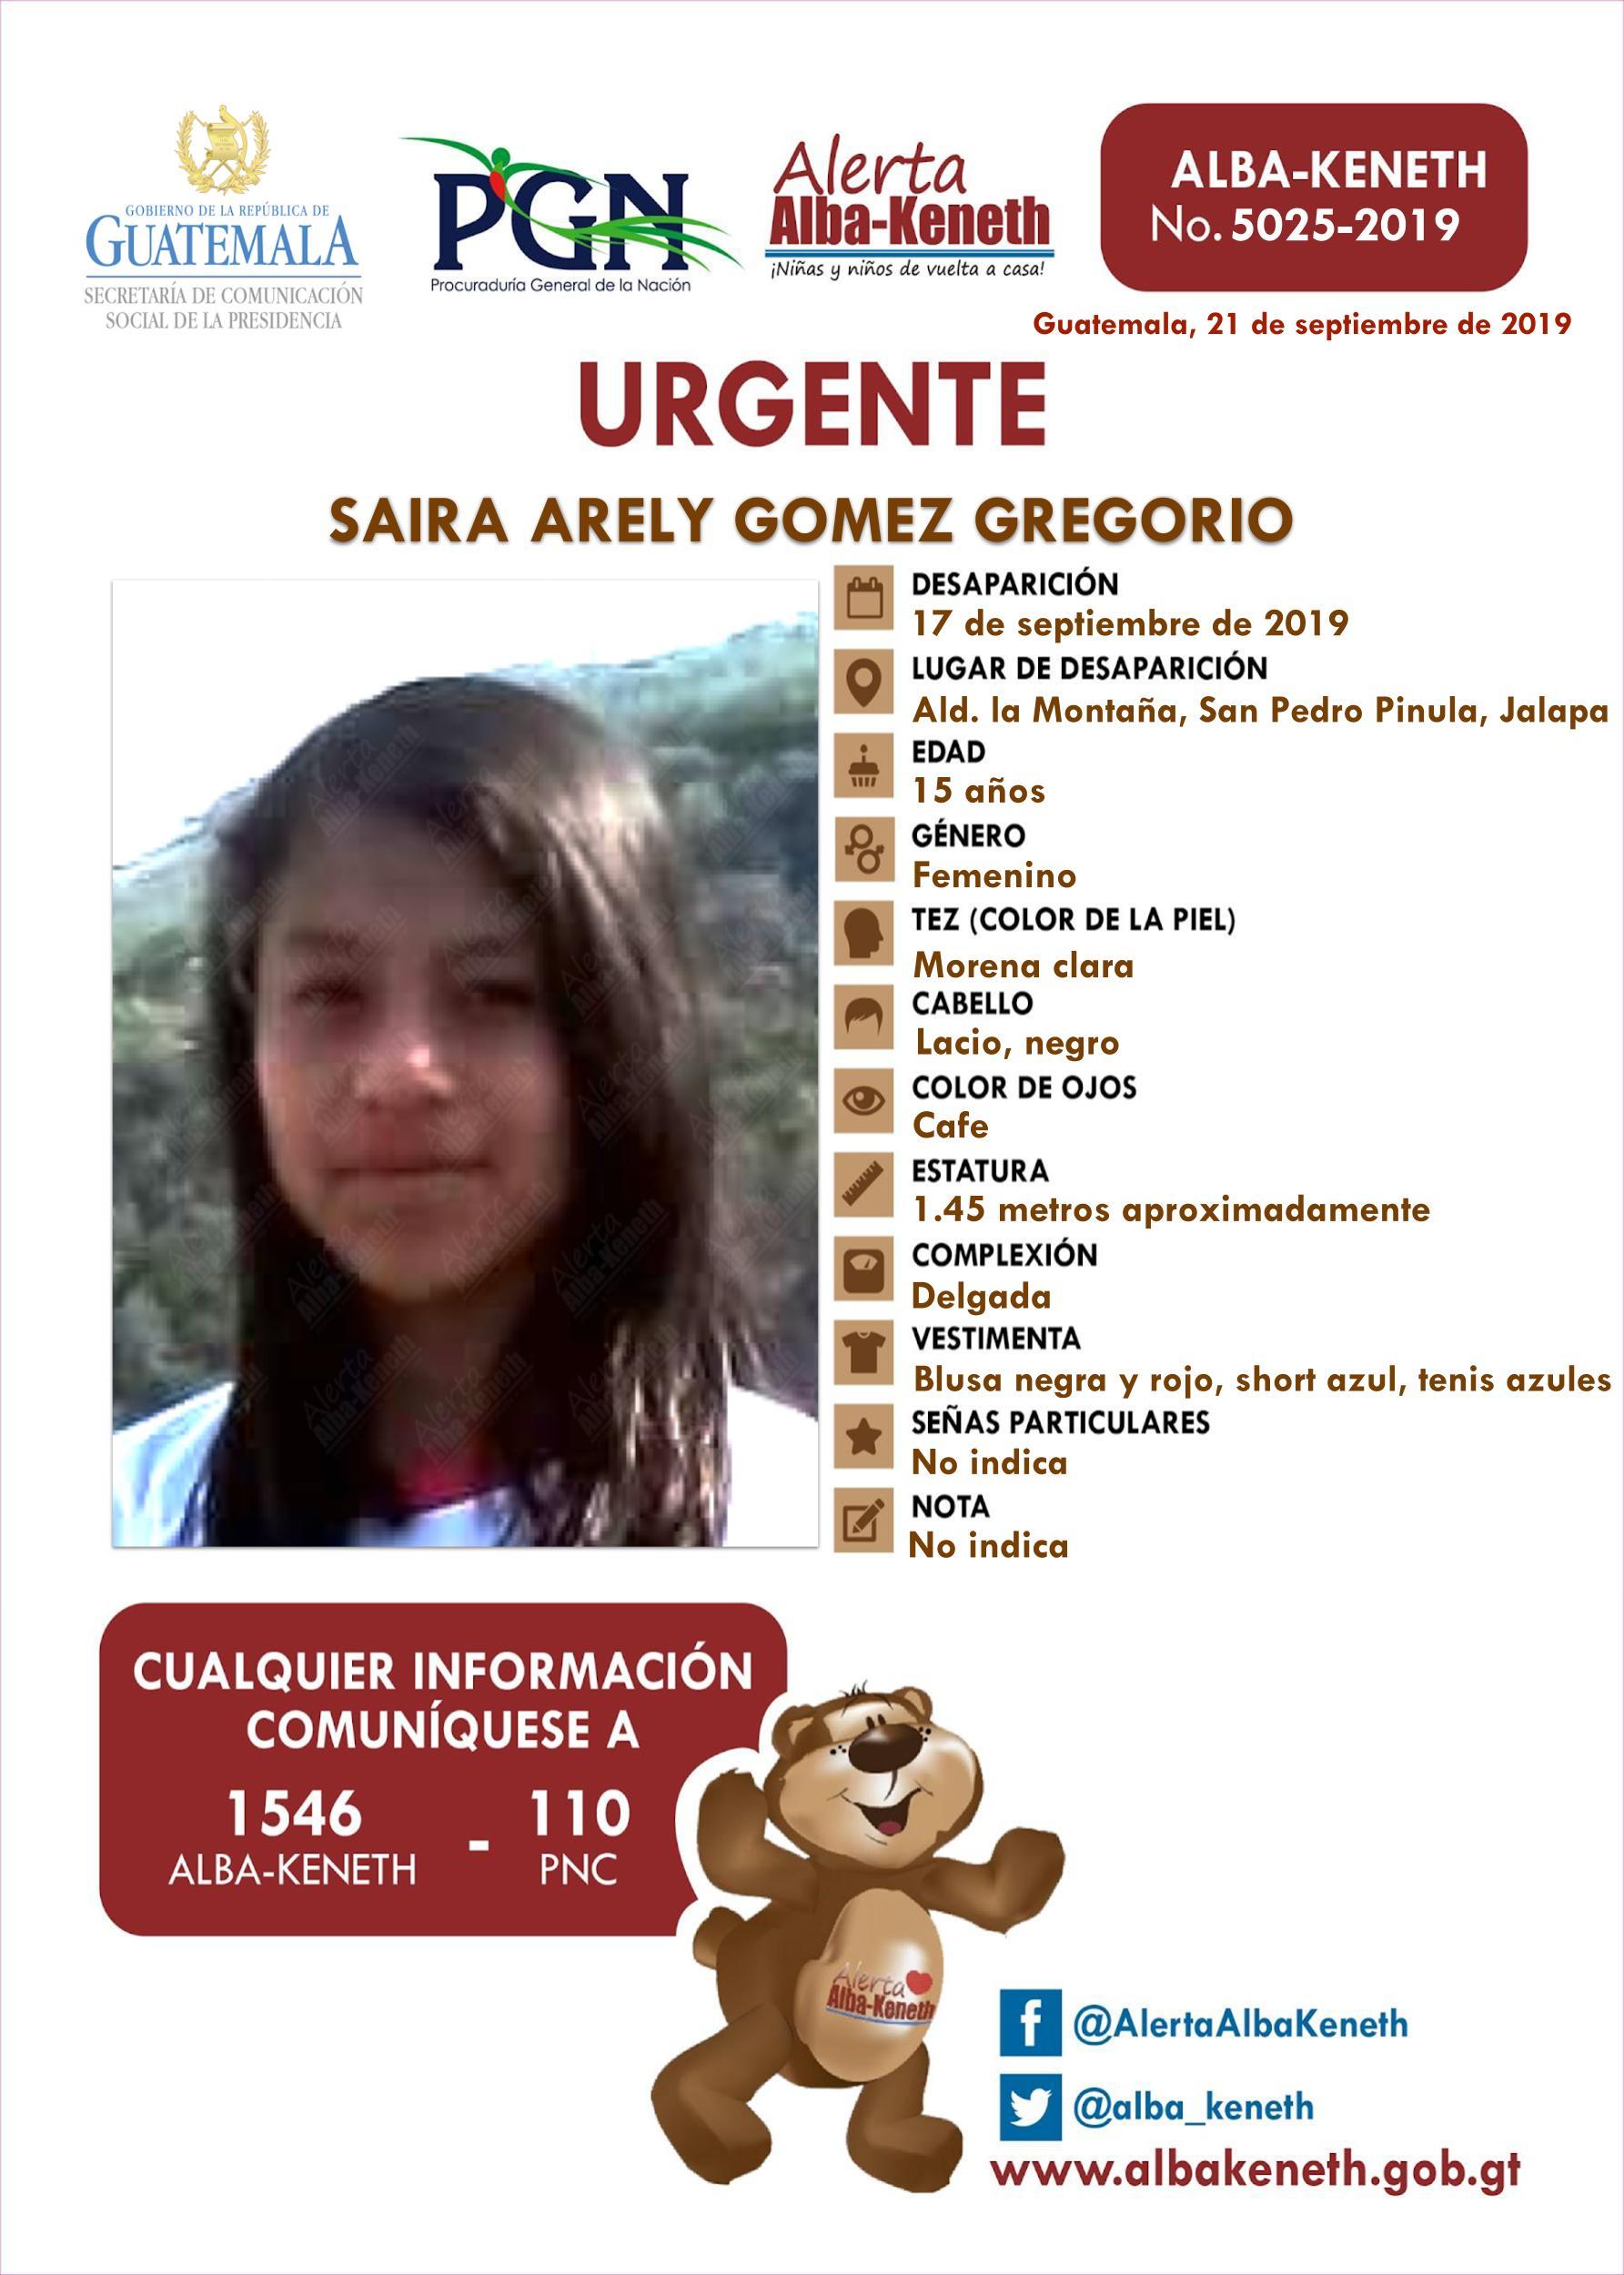 Saira Arely Gomez Gregorio